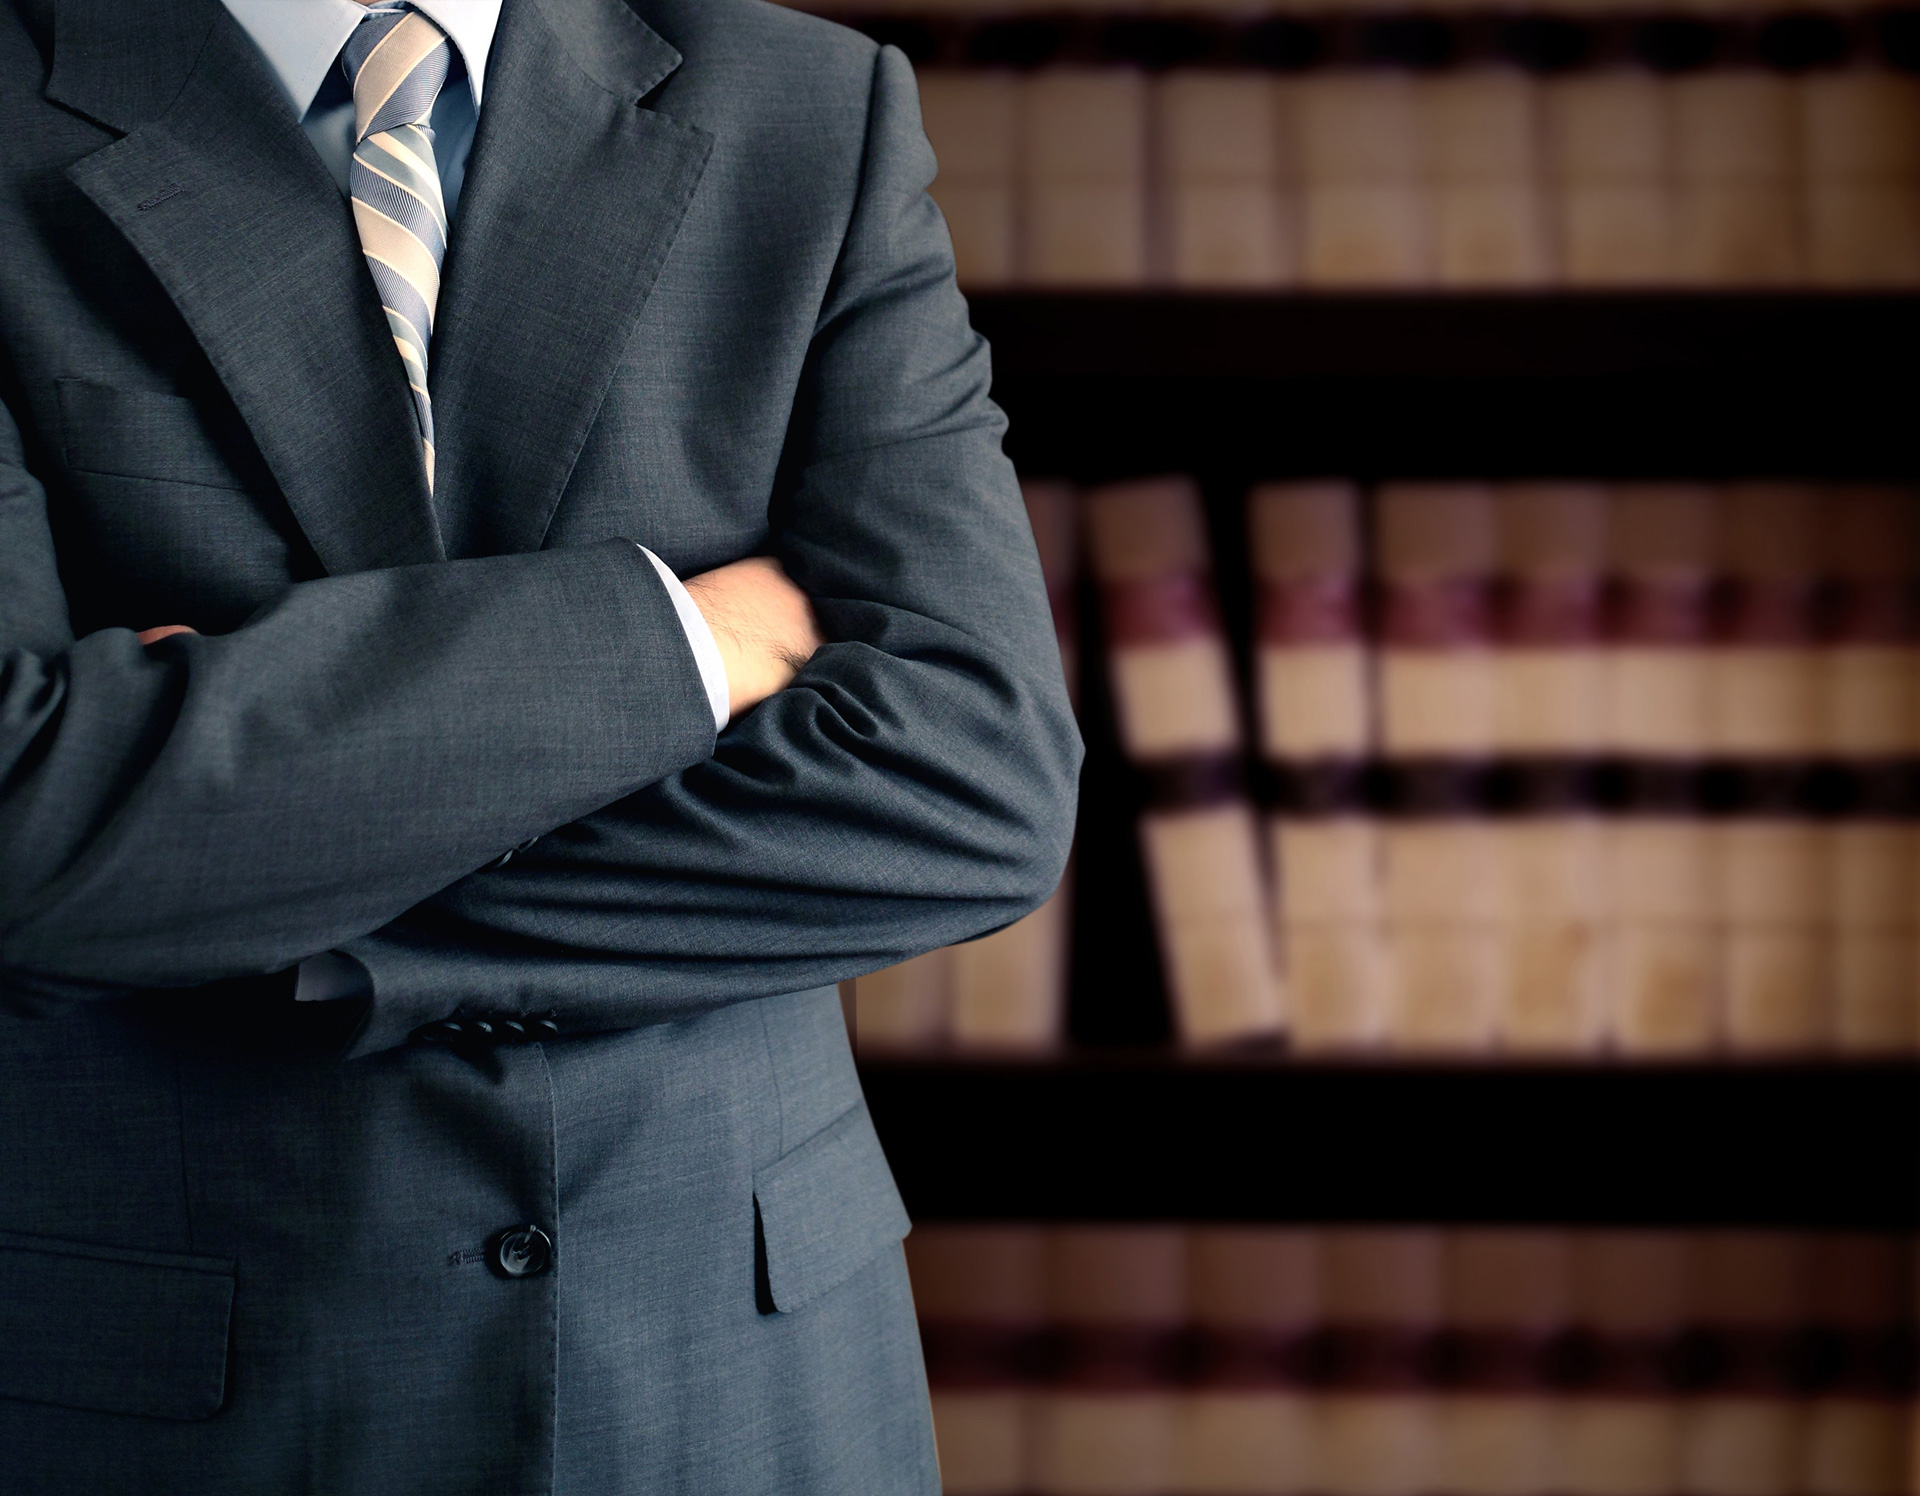 07/03 - Curso de Inglês para Negócios e Jurídico Avançado